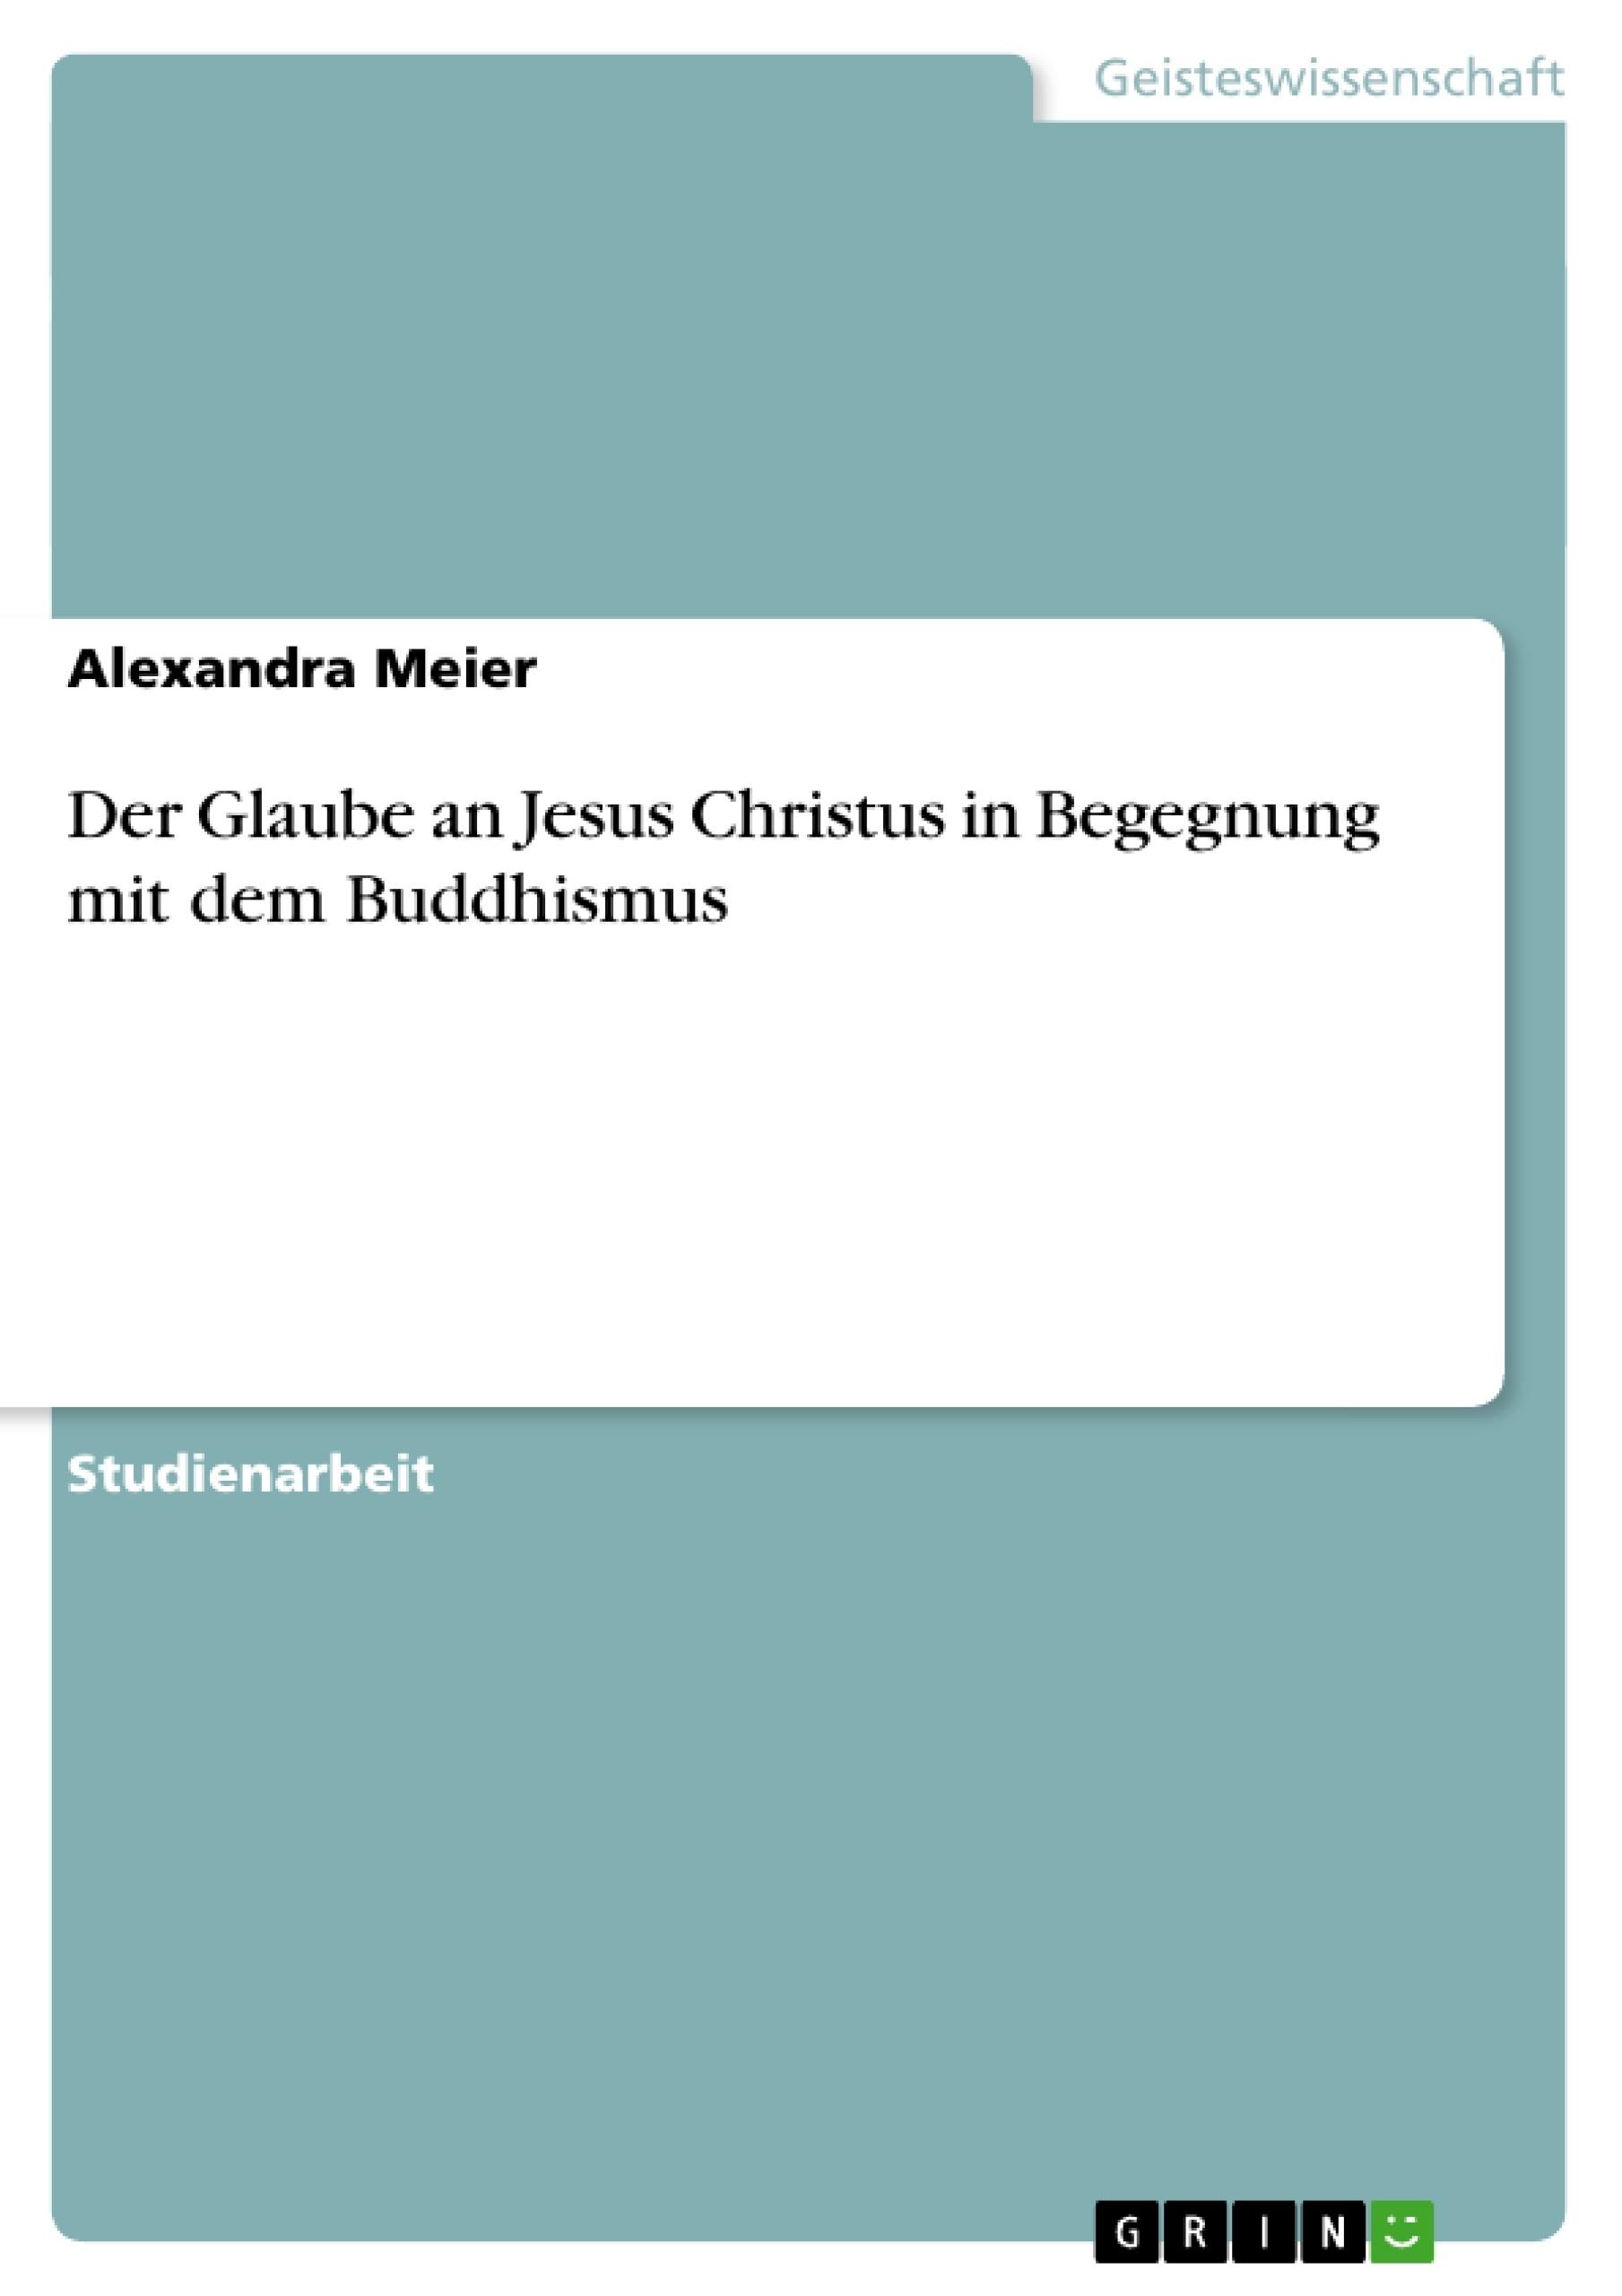 Titel: Der Glaube an Jesus Christus in Begegnung mit dem Buddhismus